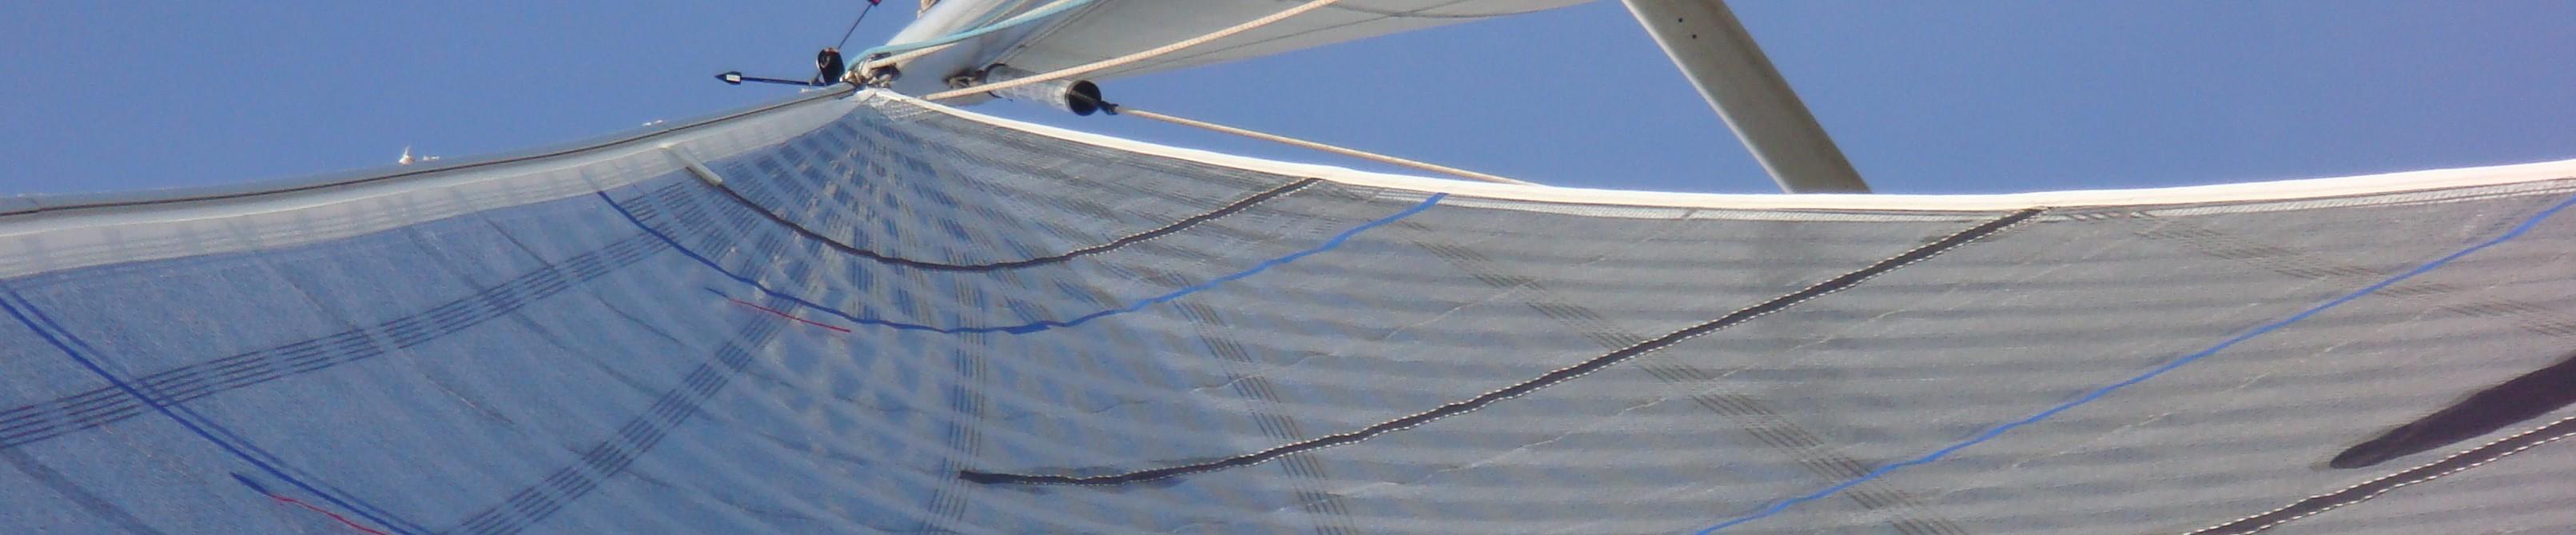 Sail Repairs Gibraltar